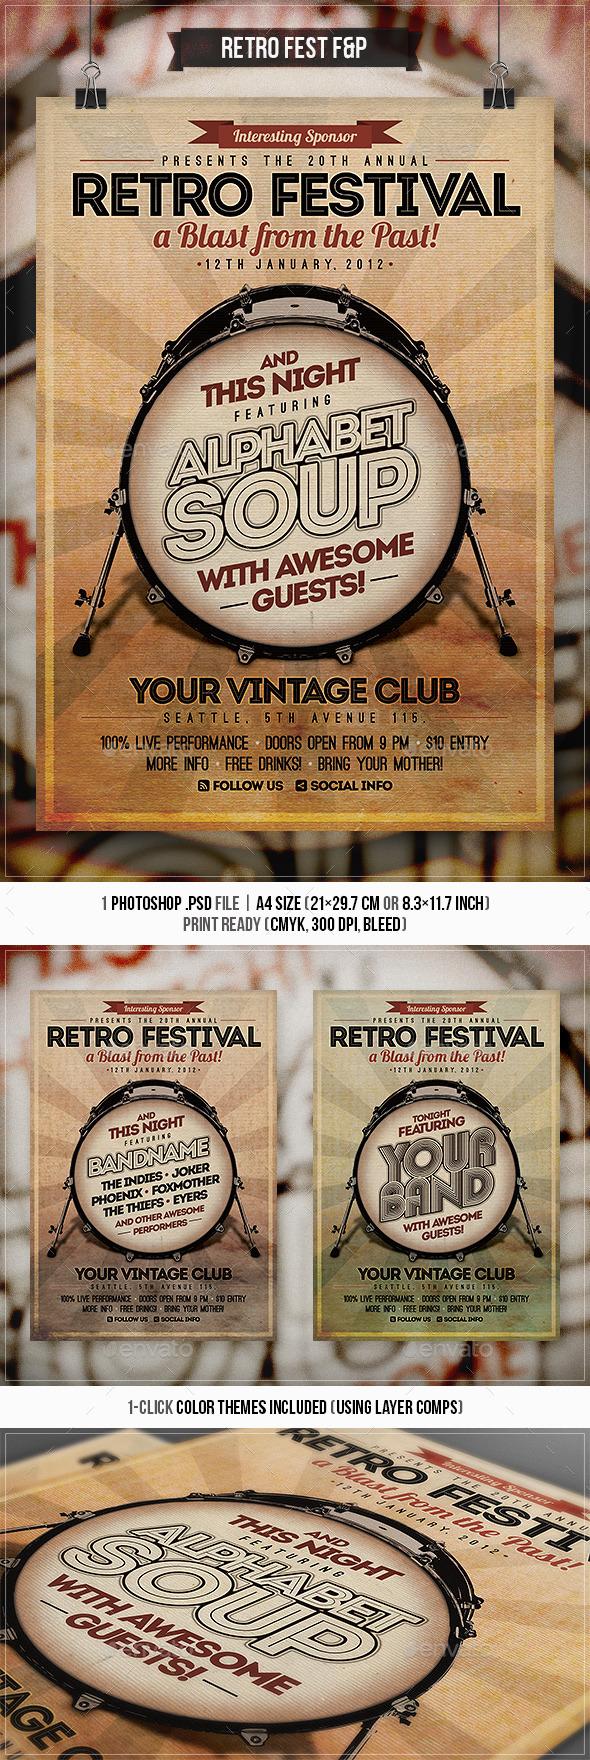 Retro Festival Flyer & Poster